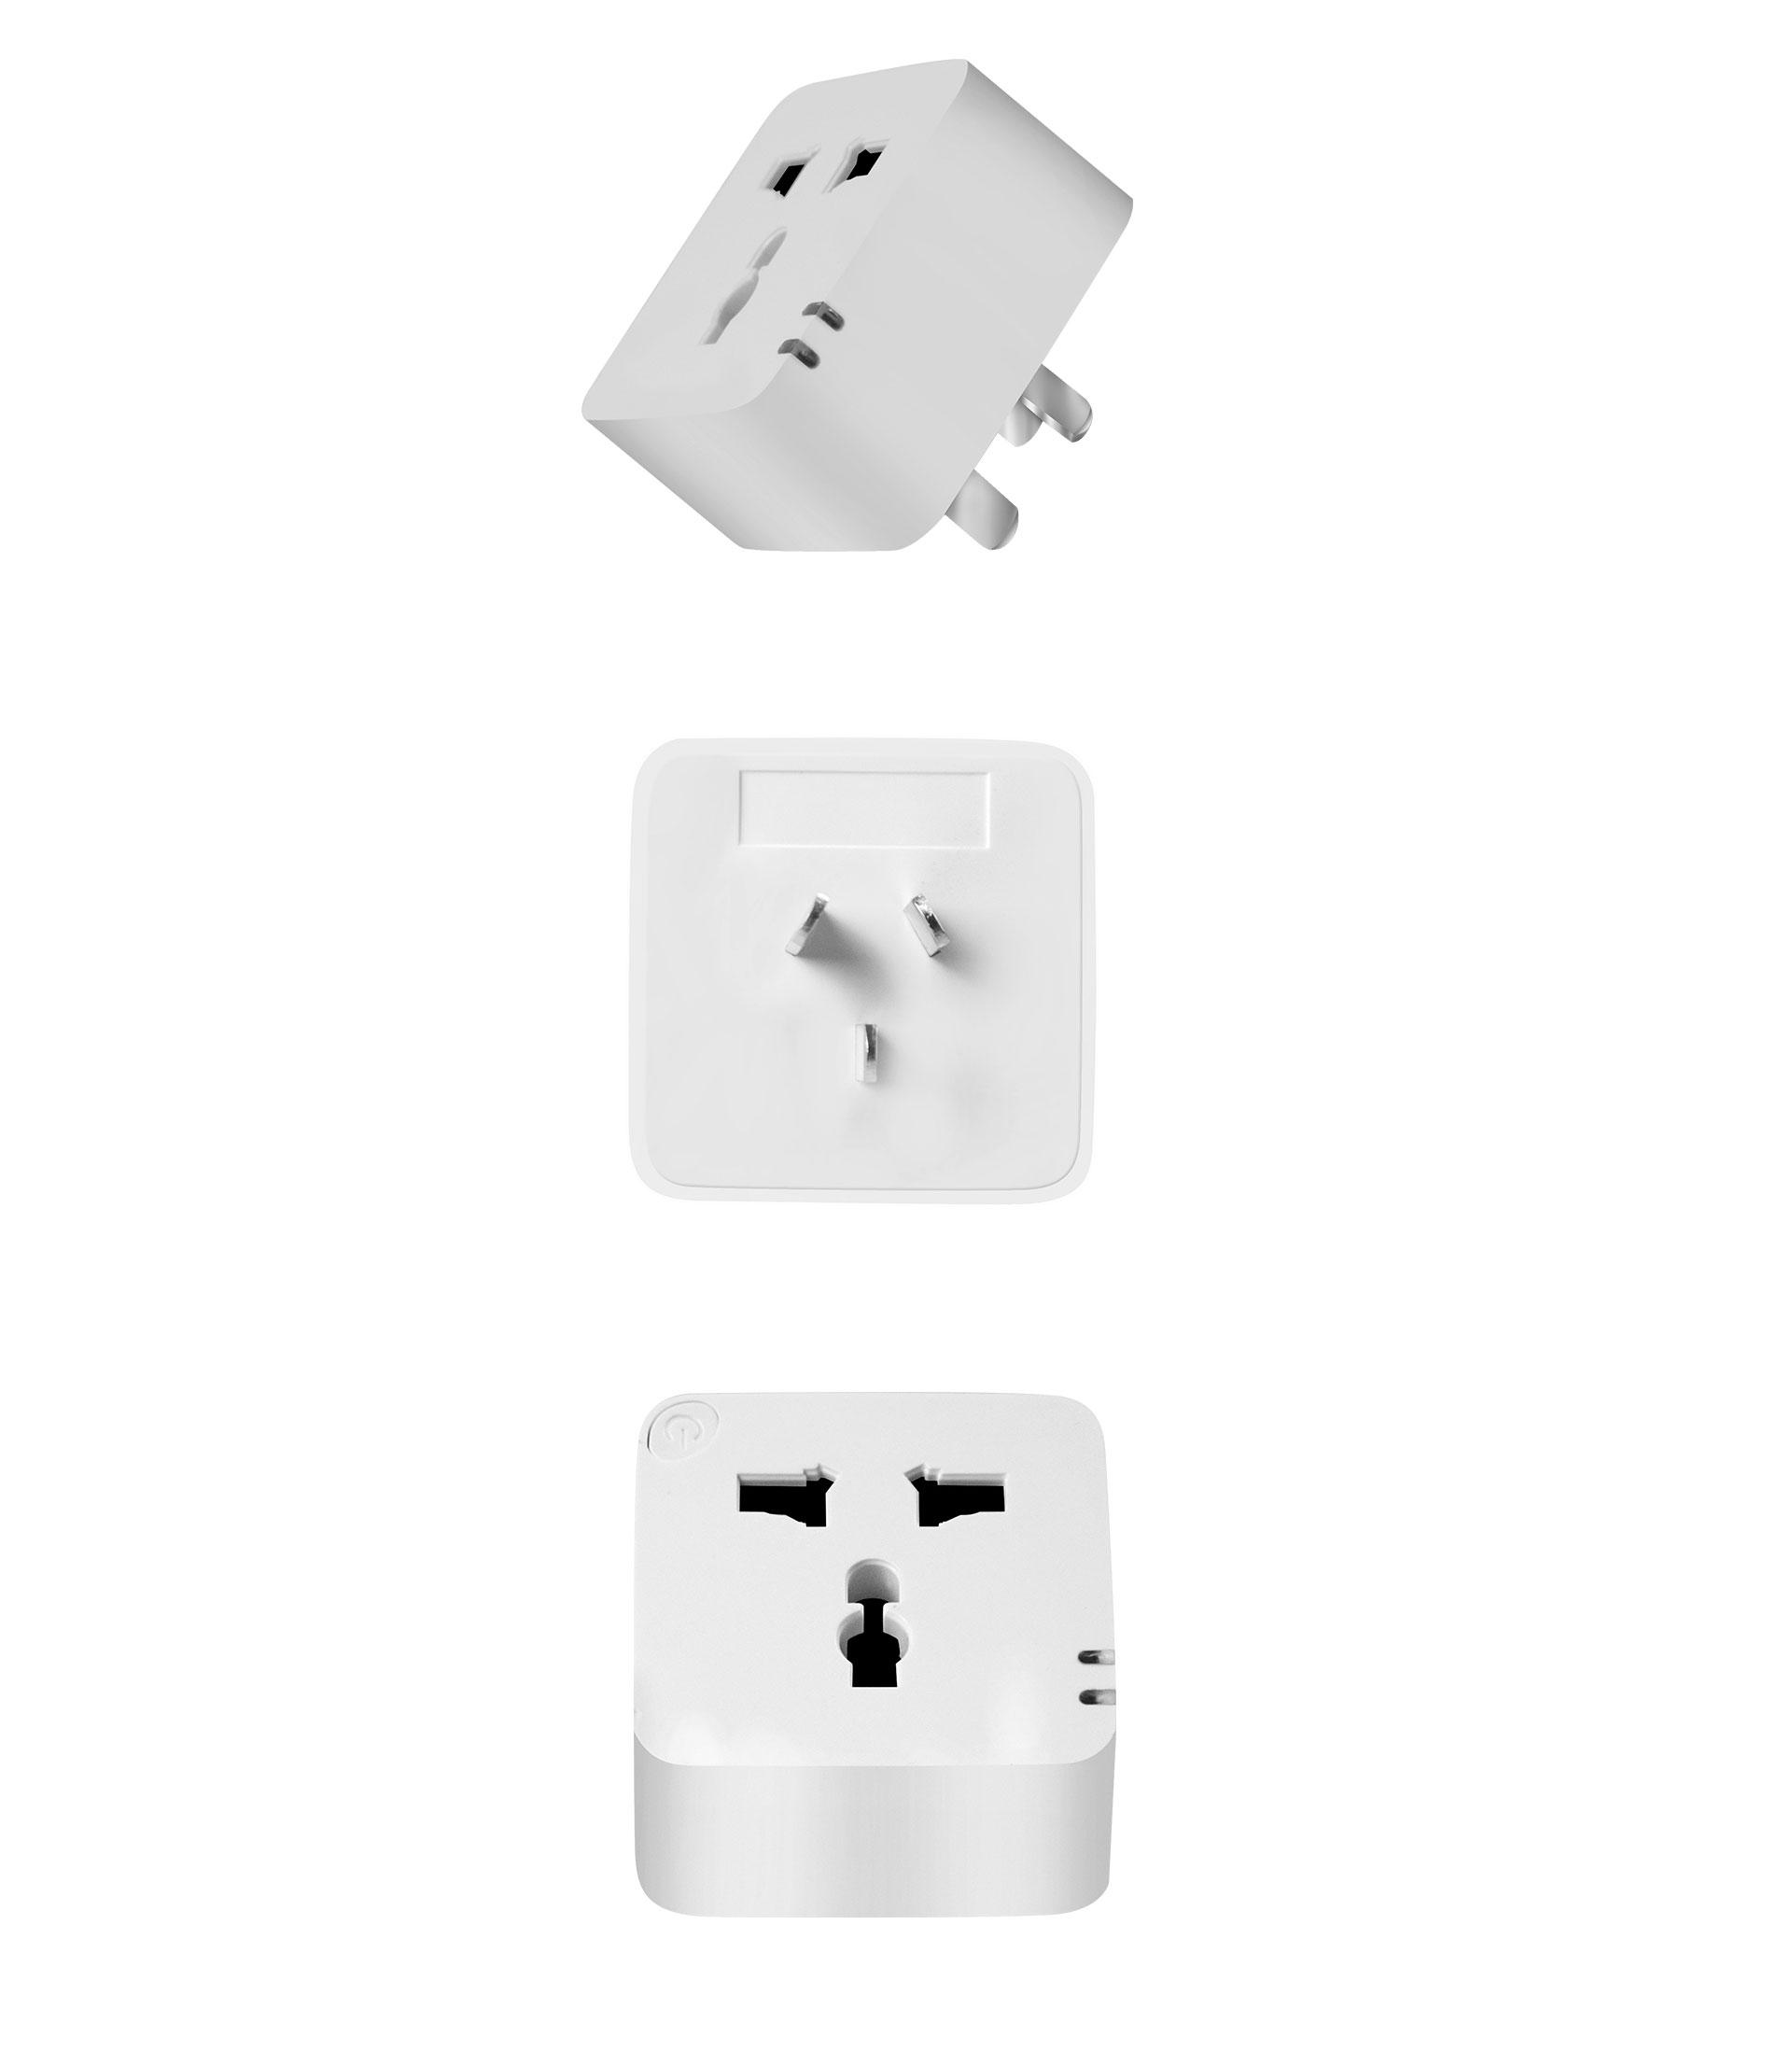 Smart WiFi Socket